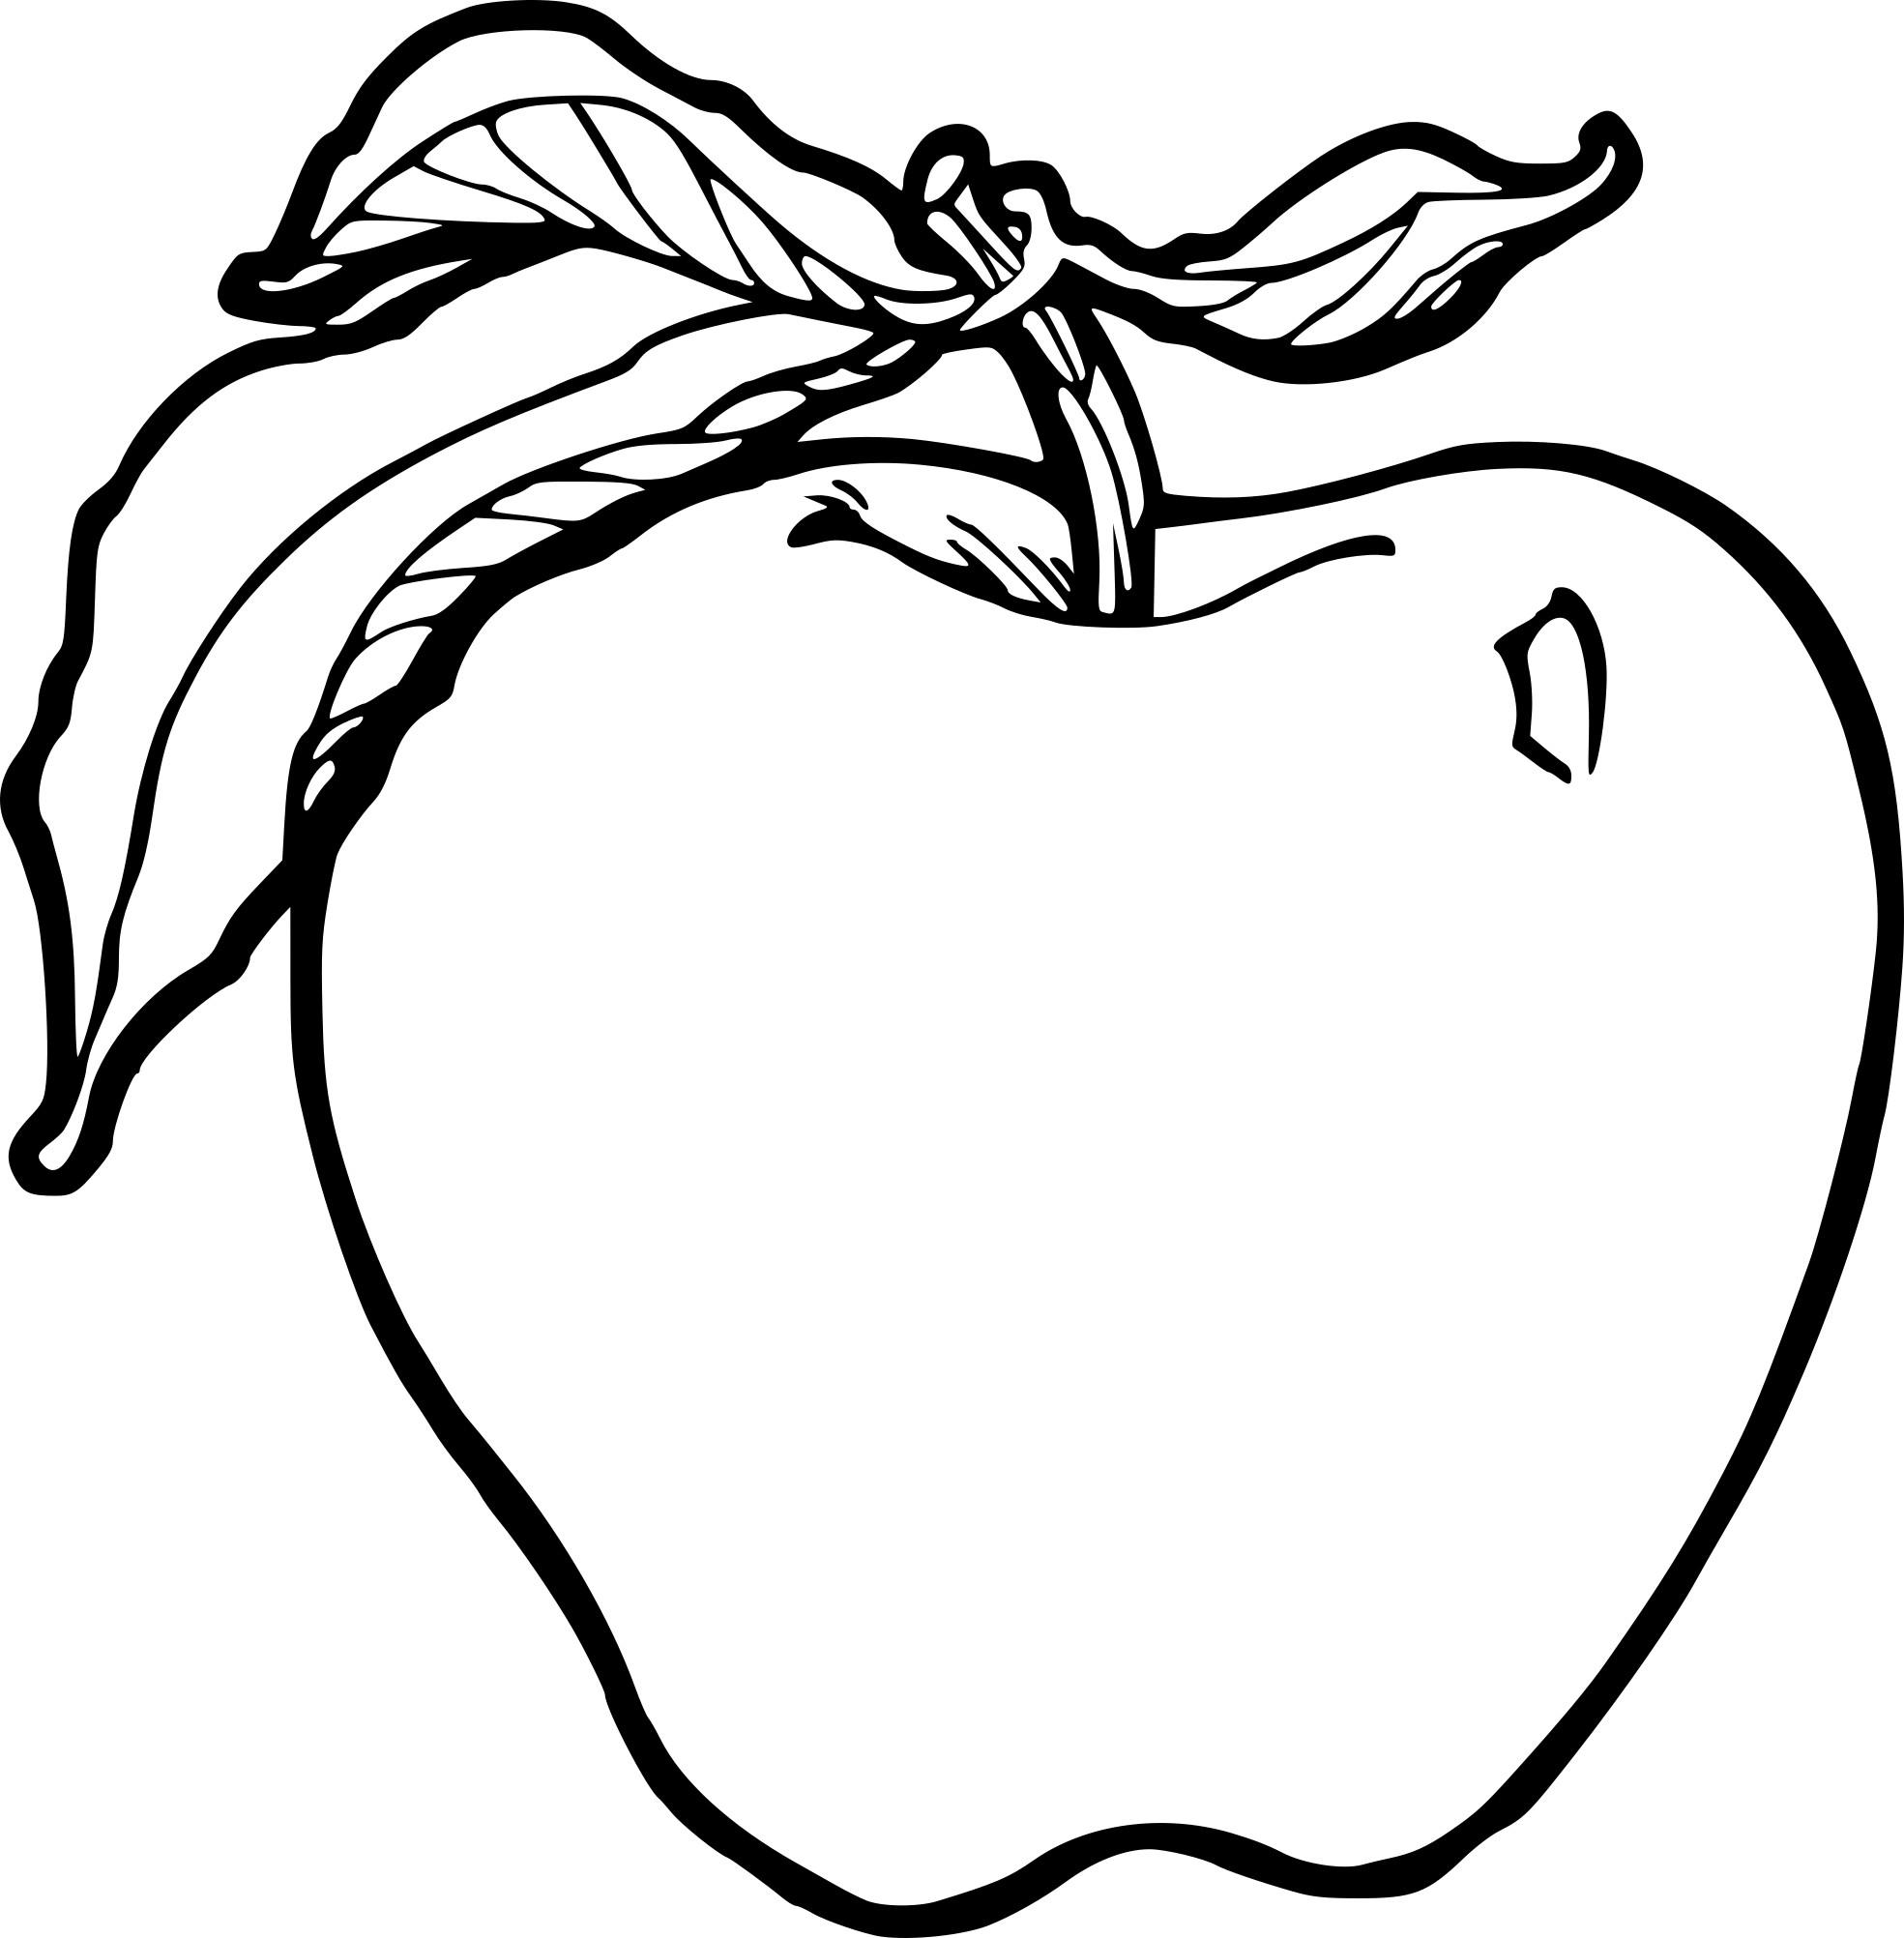 Coloriage la pomme imprimer - Fruits coloriage ...